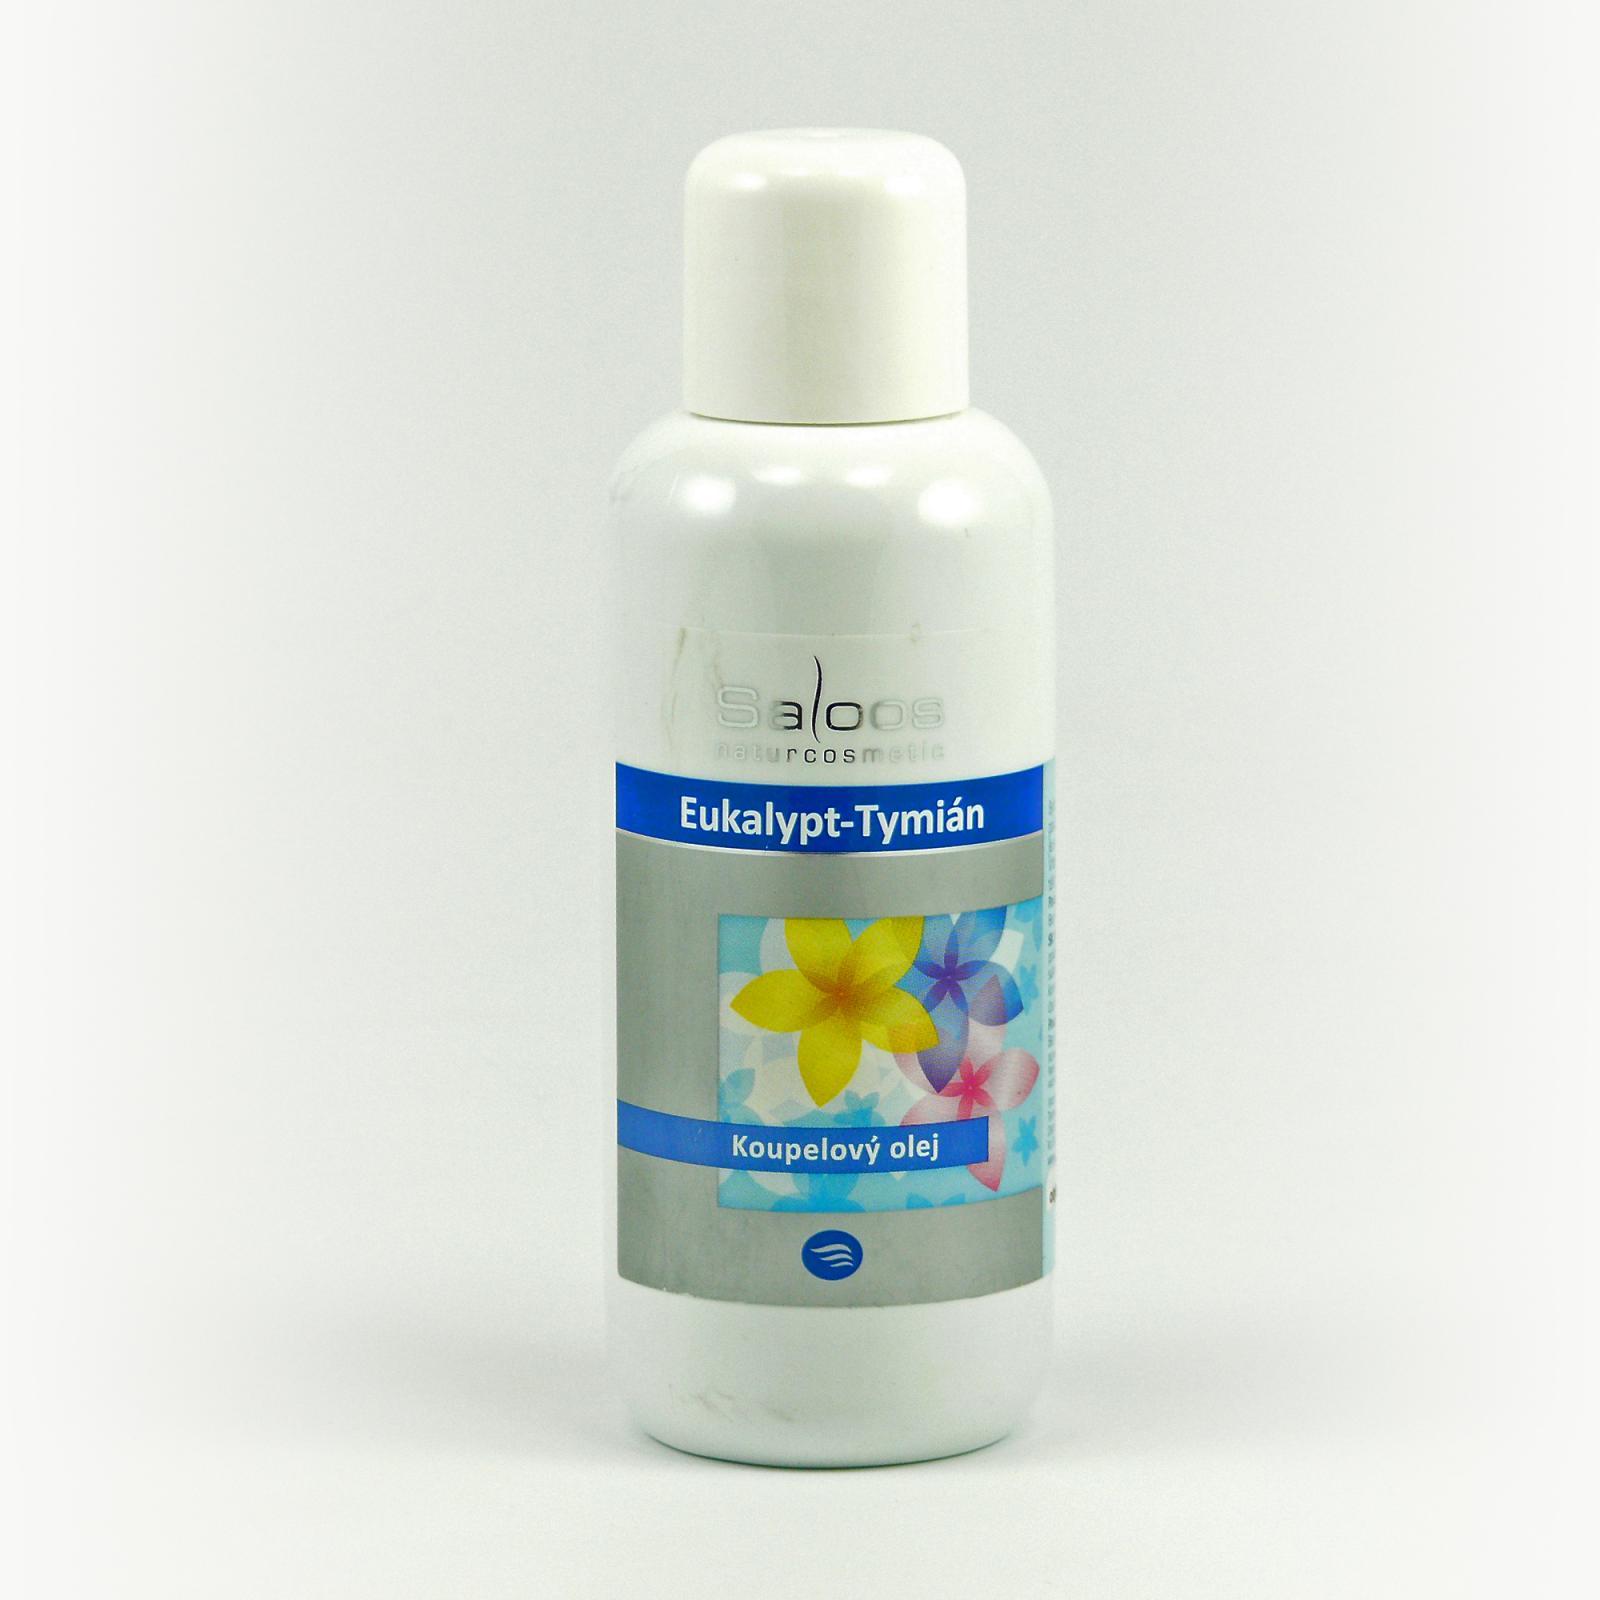 Saloos Koupelový olej eukalypt a tymián 250 ml